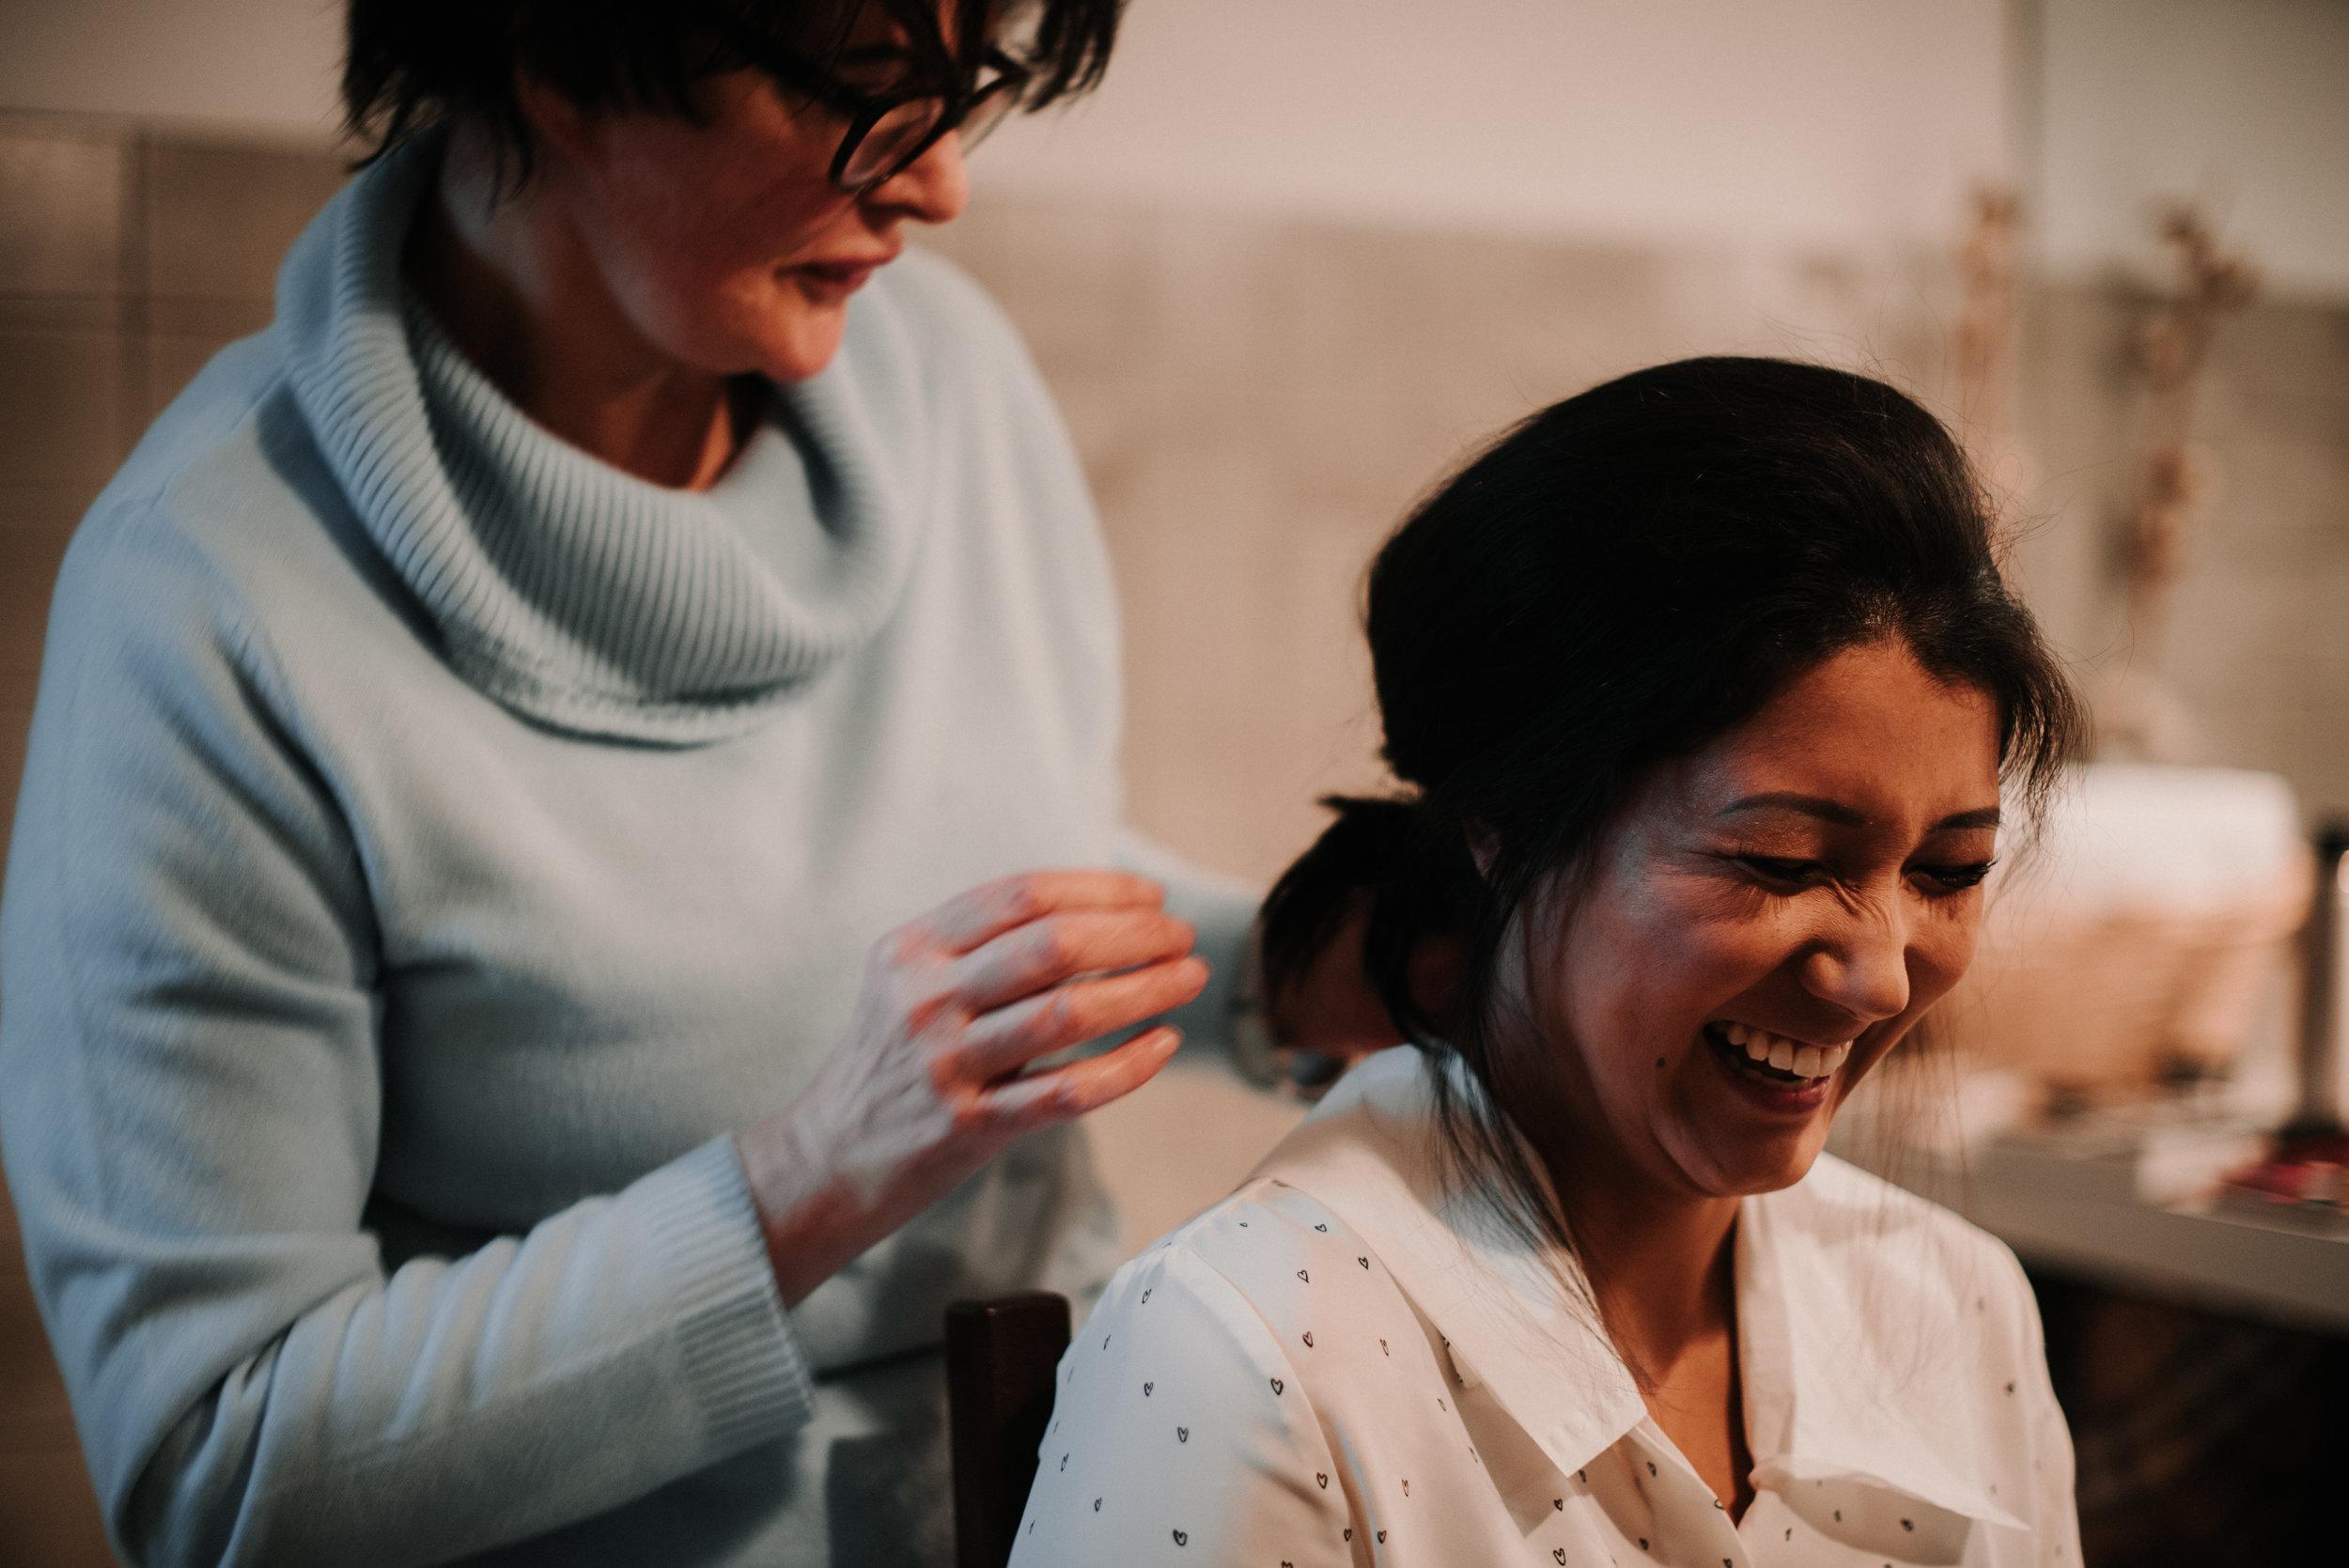 Léa-Fery-photographe-professionnel-lyon-rhone-alpes-portrait-creation-mariage-evenement-evenementiel-famille-6605.jpg